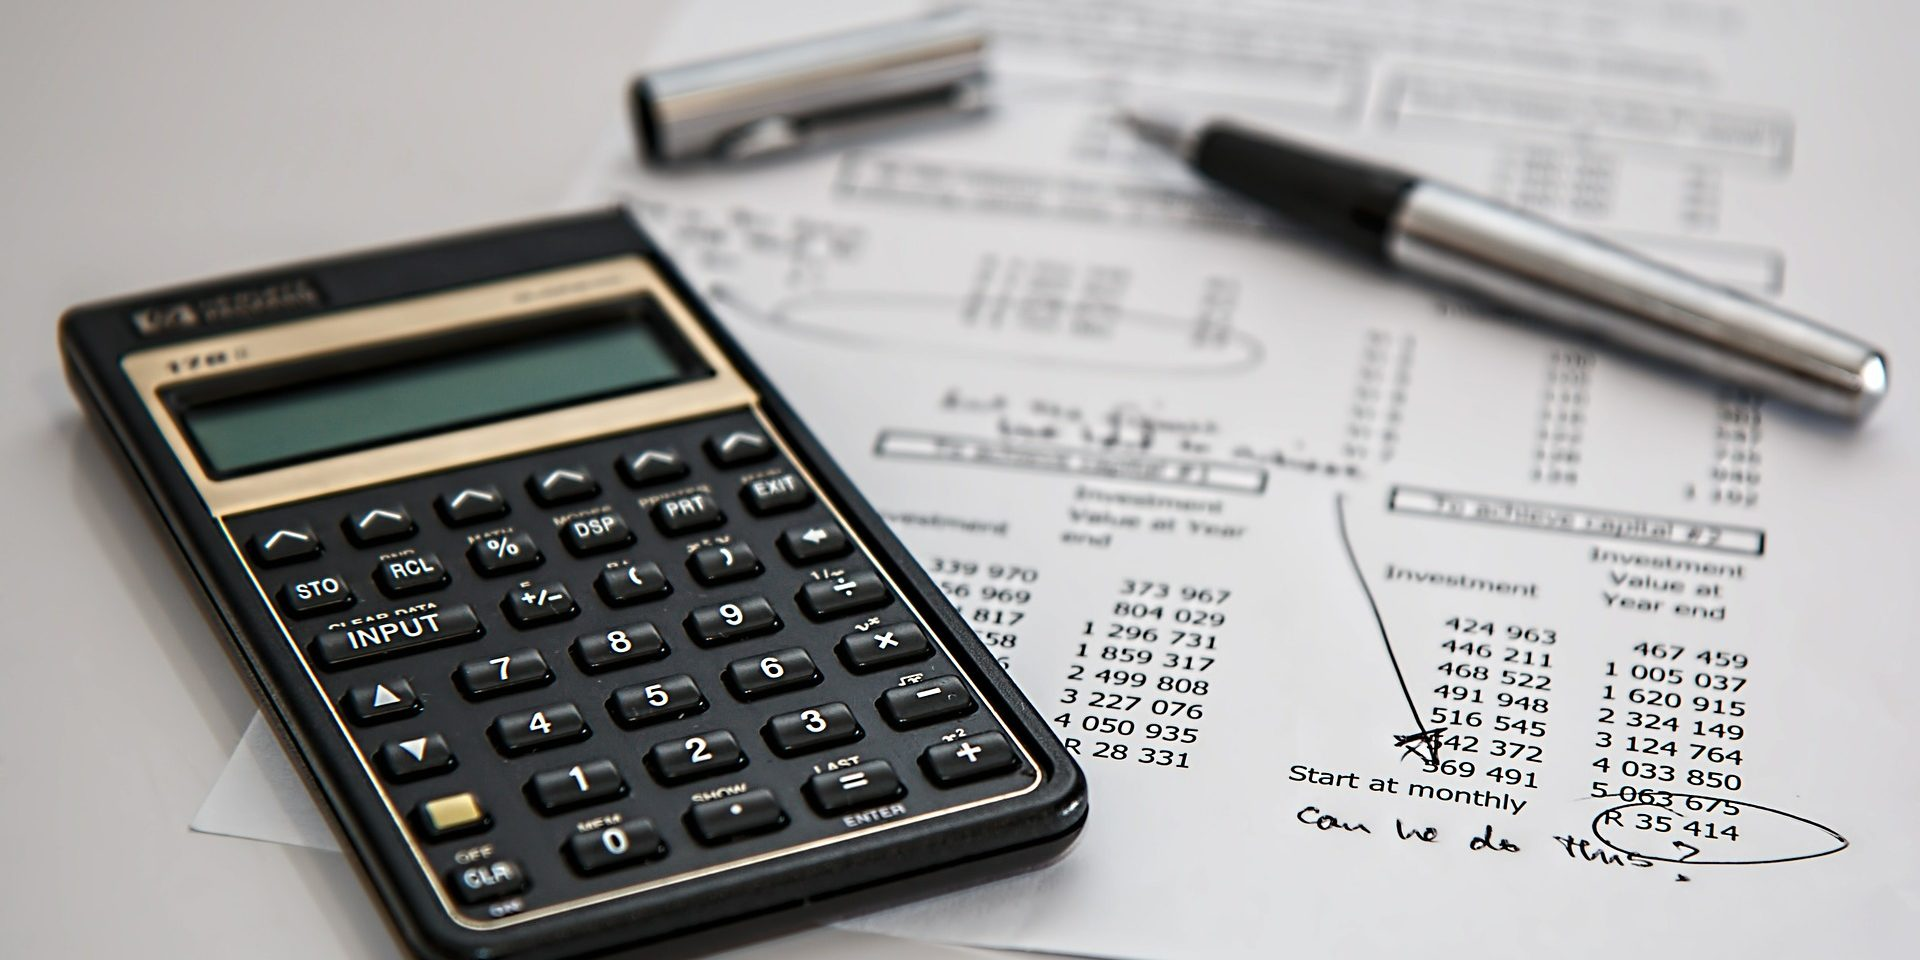 Das Foto zeigt einen Taschenrechner als Kakulator und einen Stift und ein Blatt Papier.